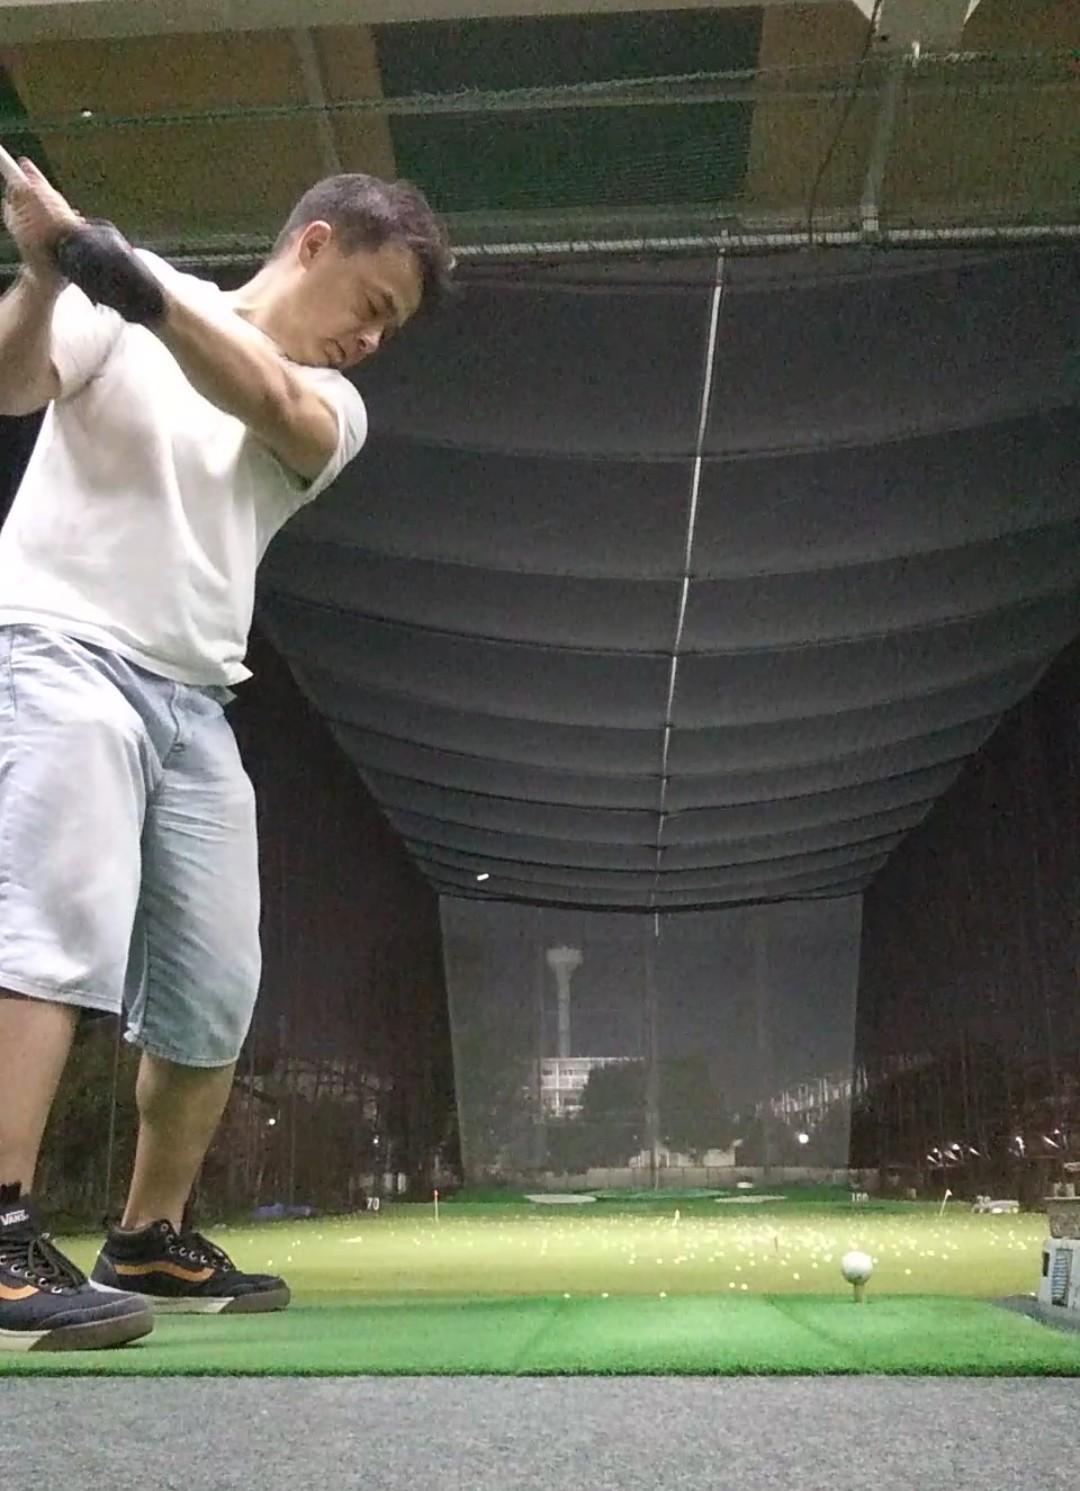 No.4410 10月6日(日):ただ今、「ゴルフ」の練習中_b0113993_16503619.jpg